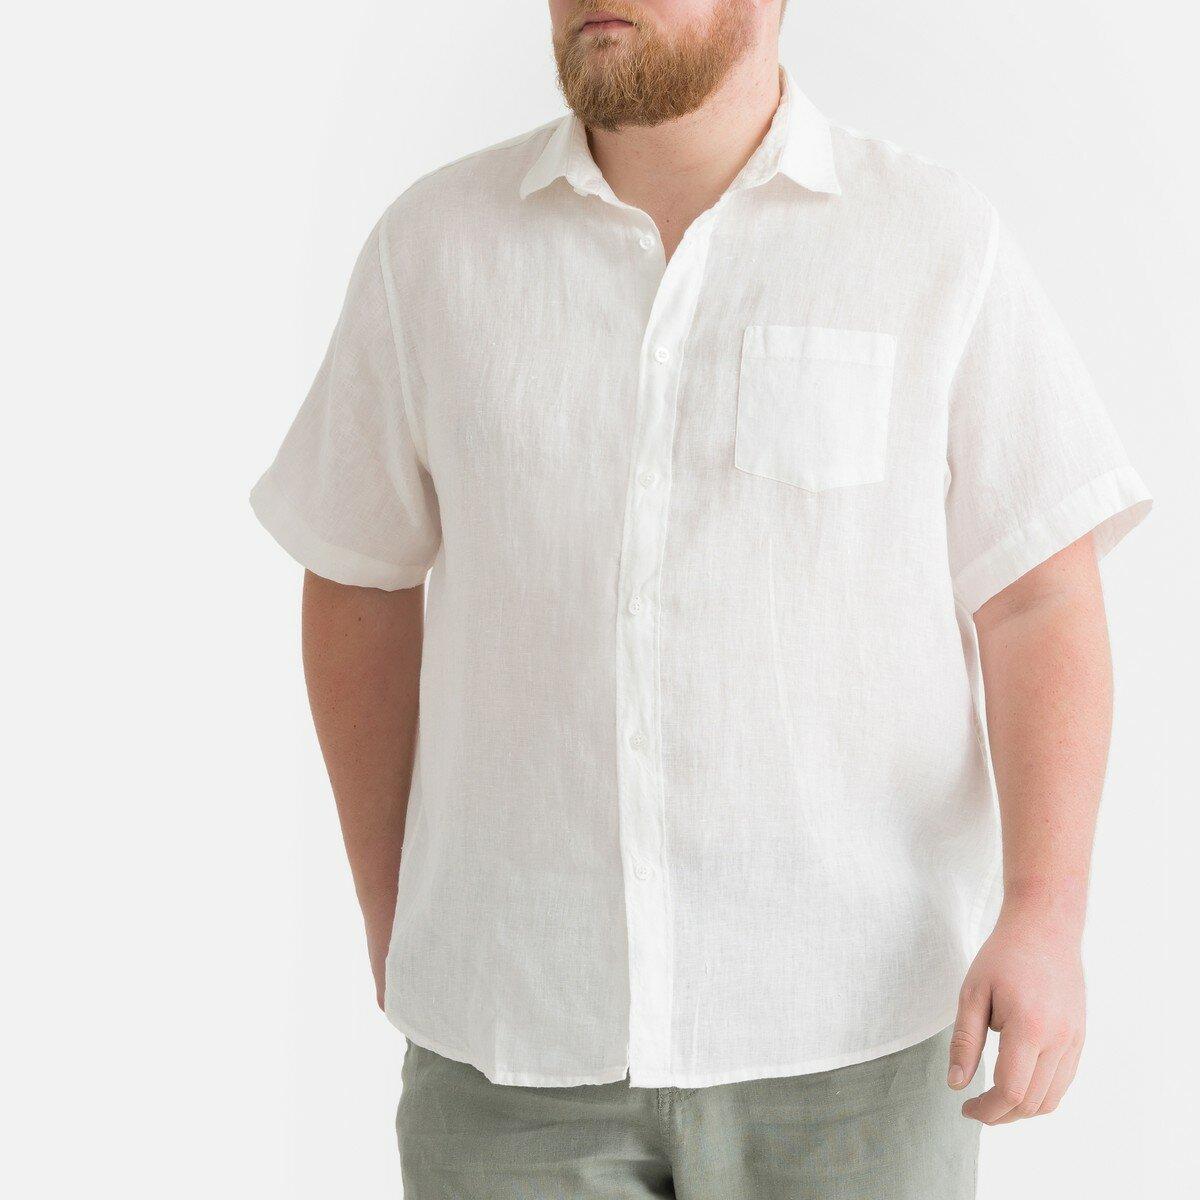 стеллаж создан рубашки для полных мужчин фото обои для